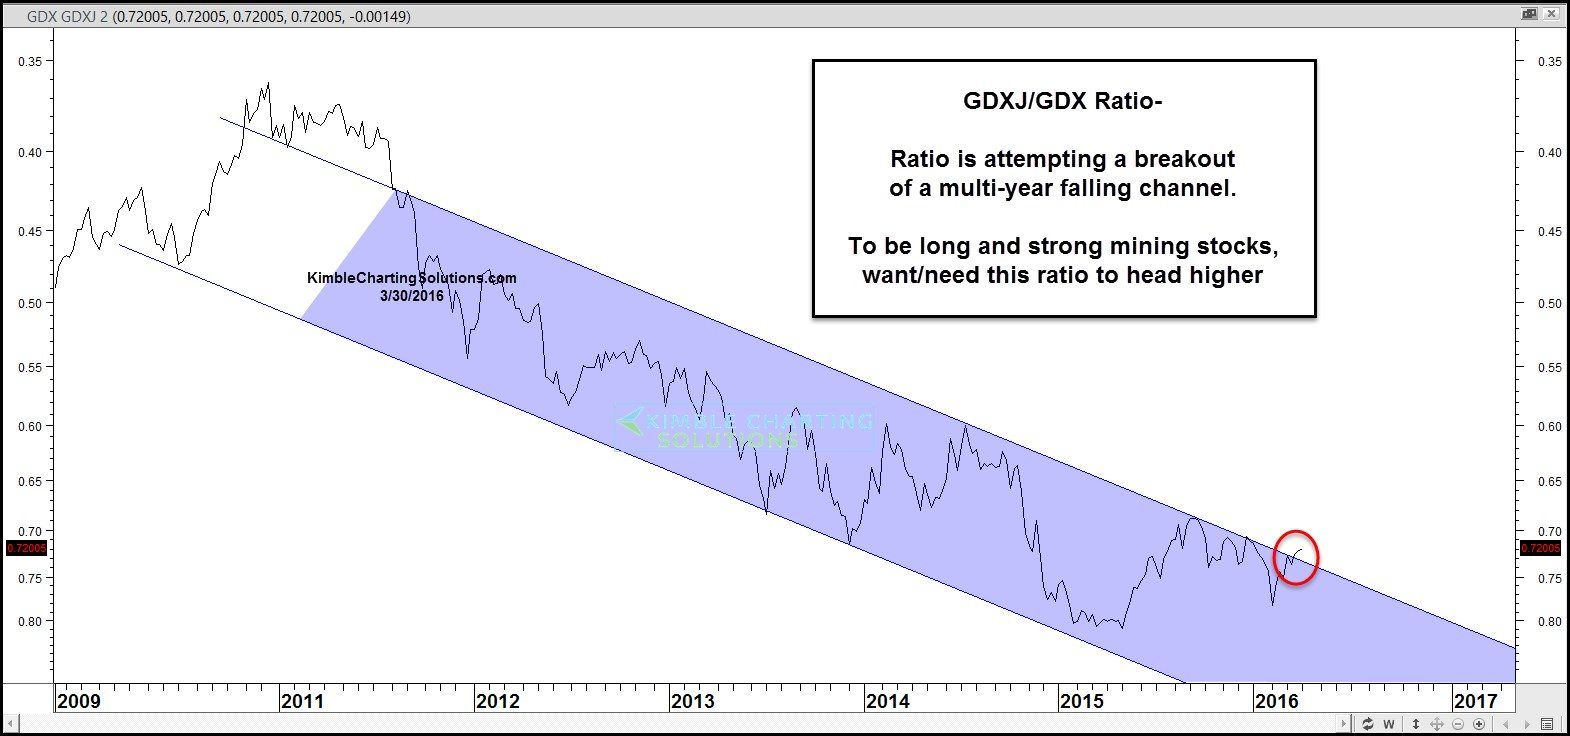 gdxj-gdx ratio chart pattern falling channel bullish breakout